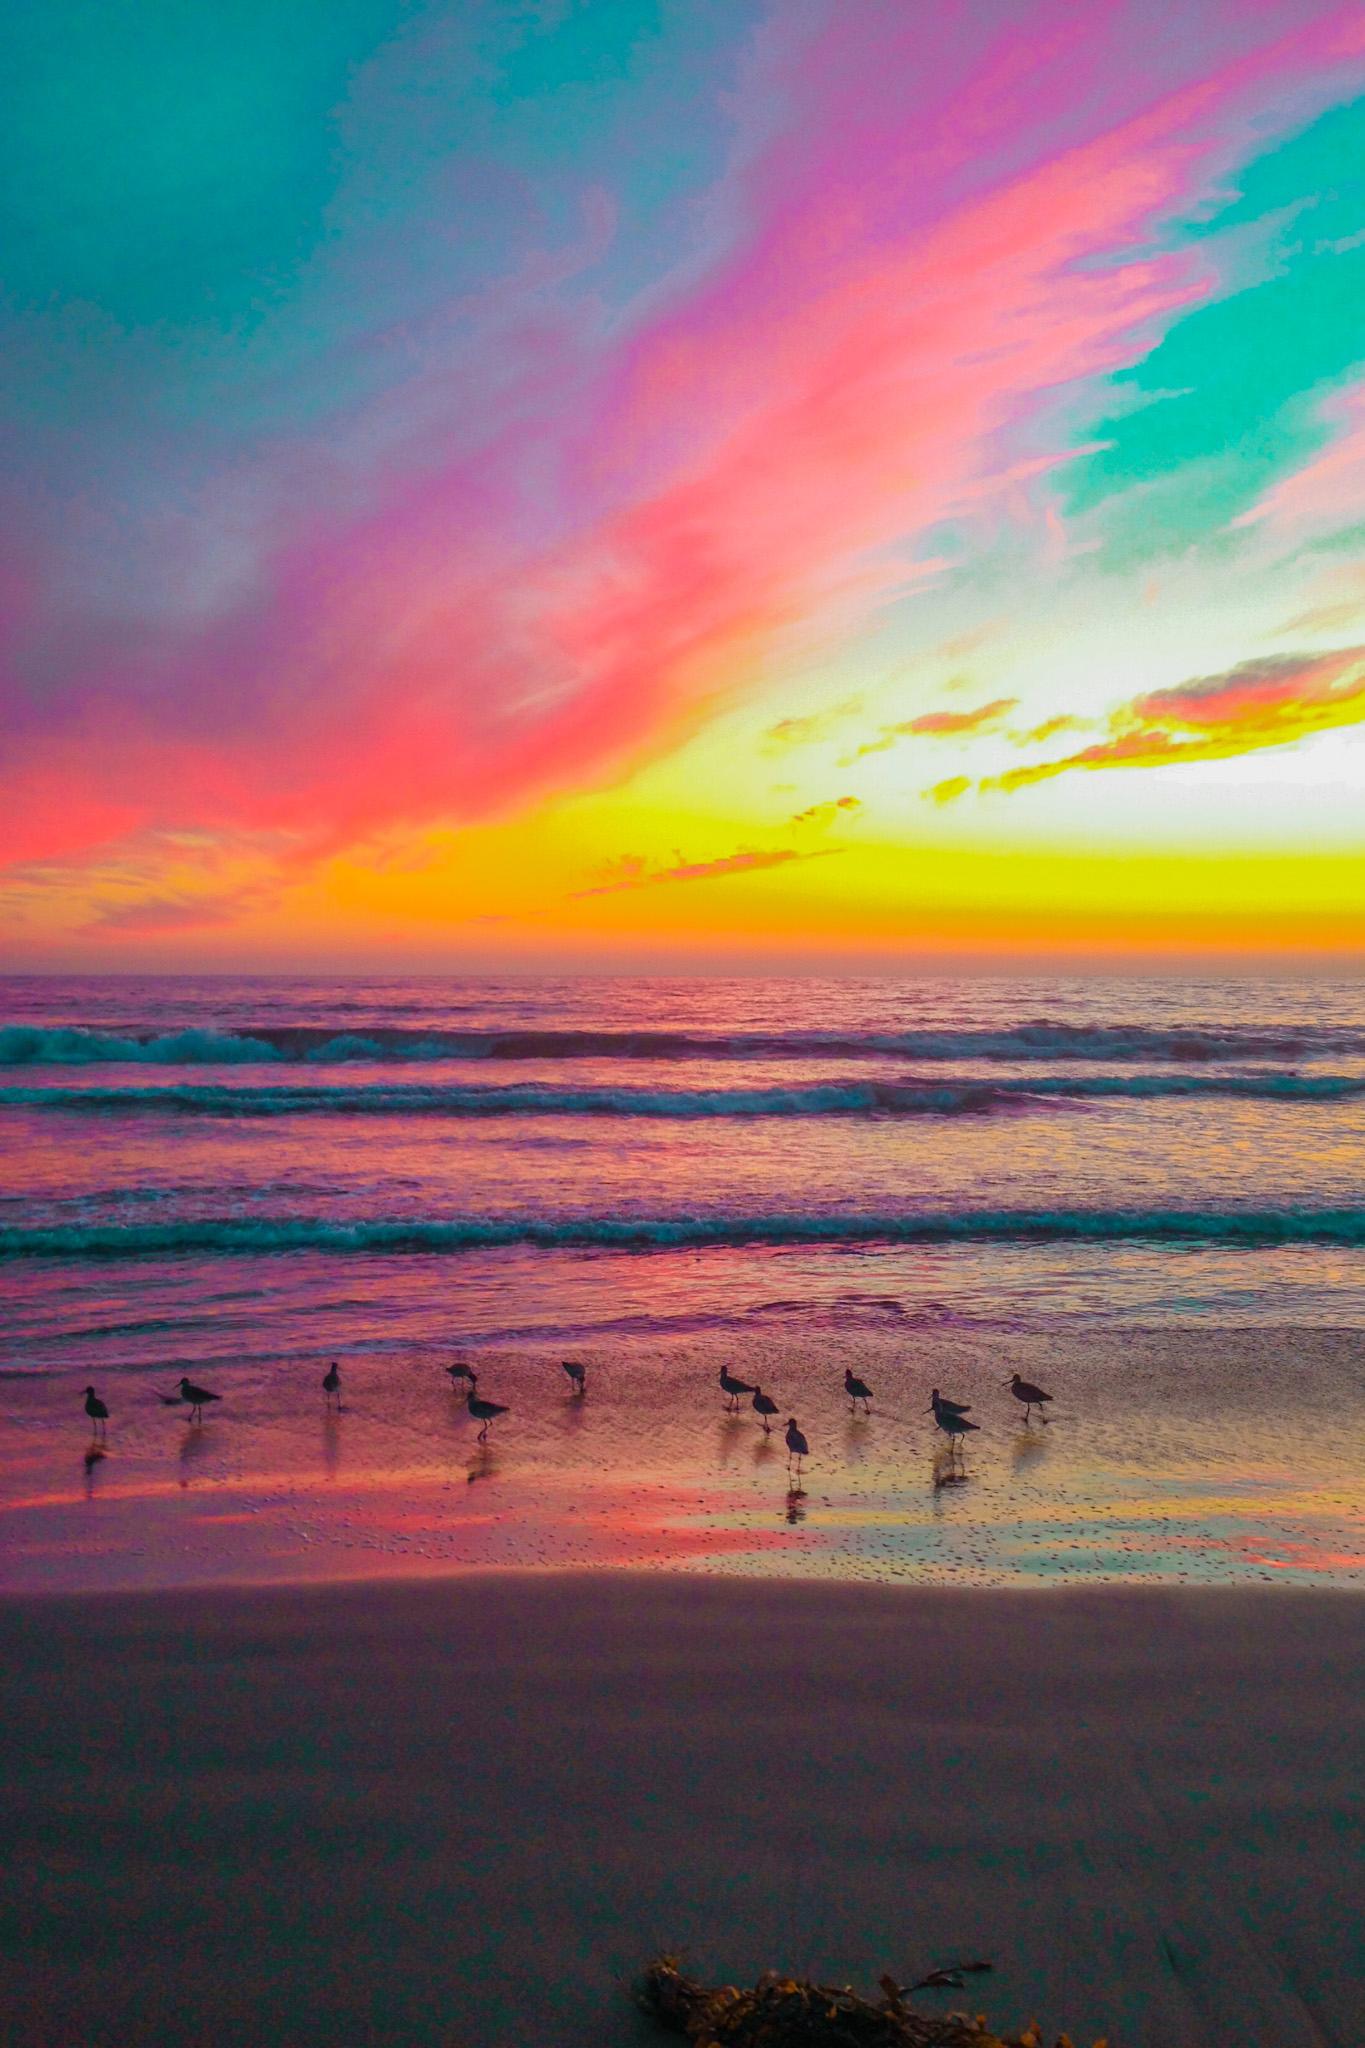 santa monica sunset beach rainbow colors and birds